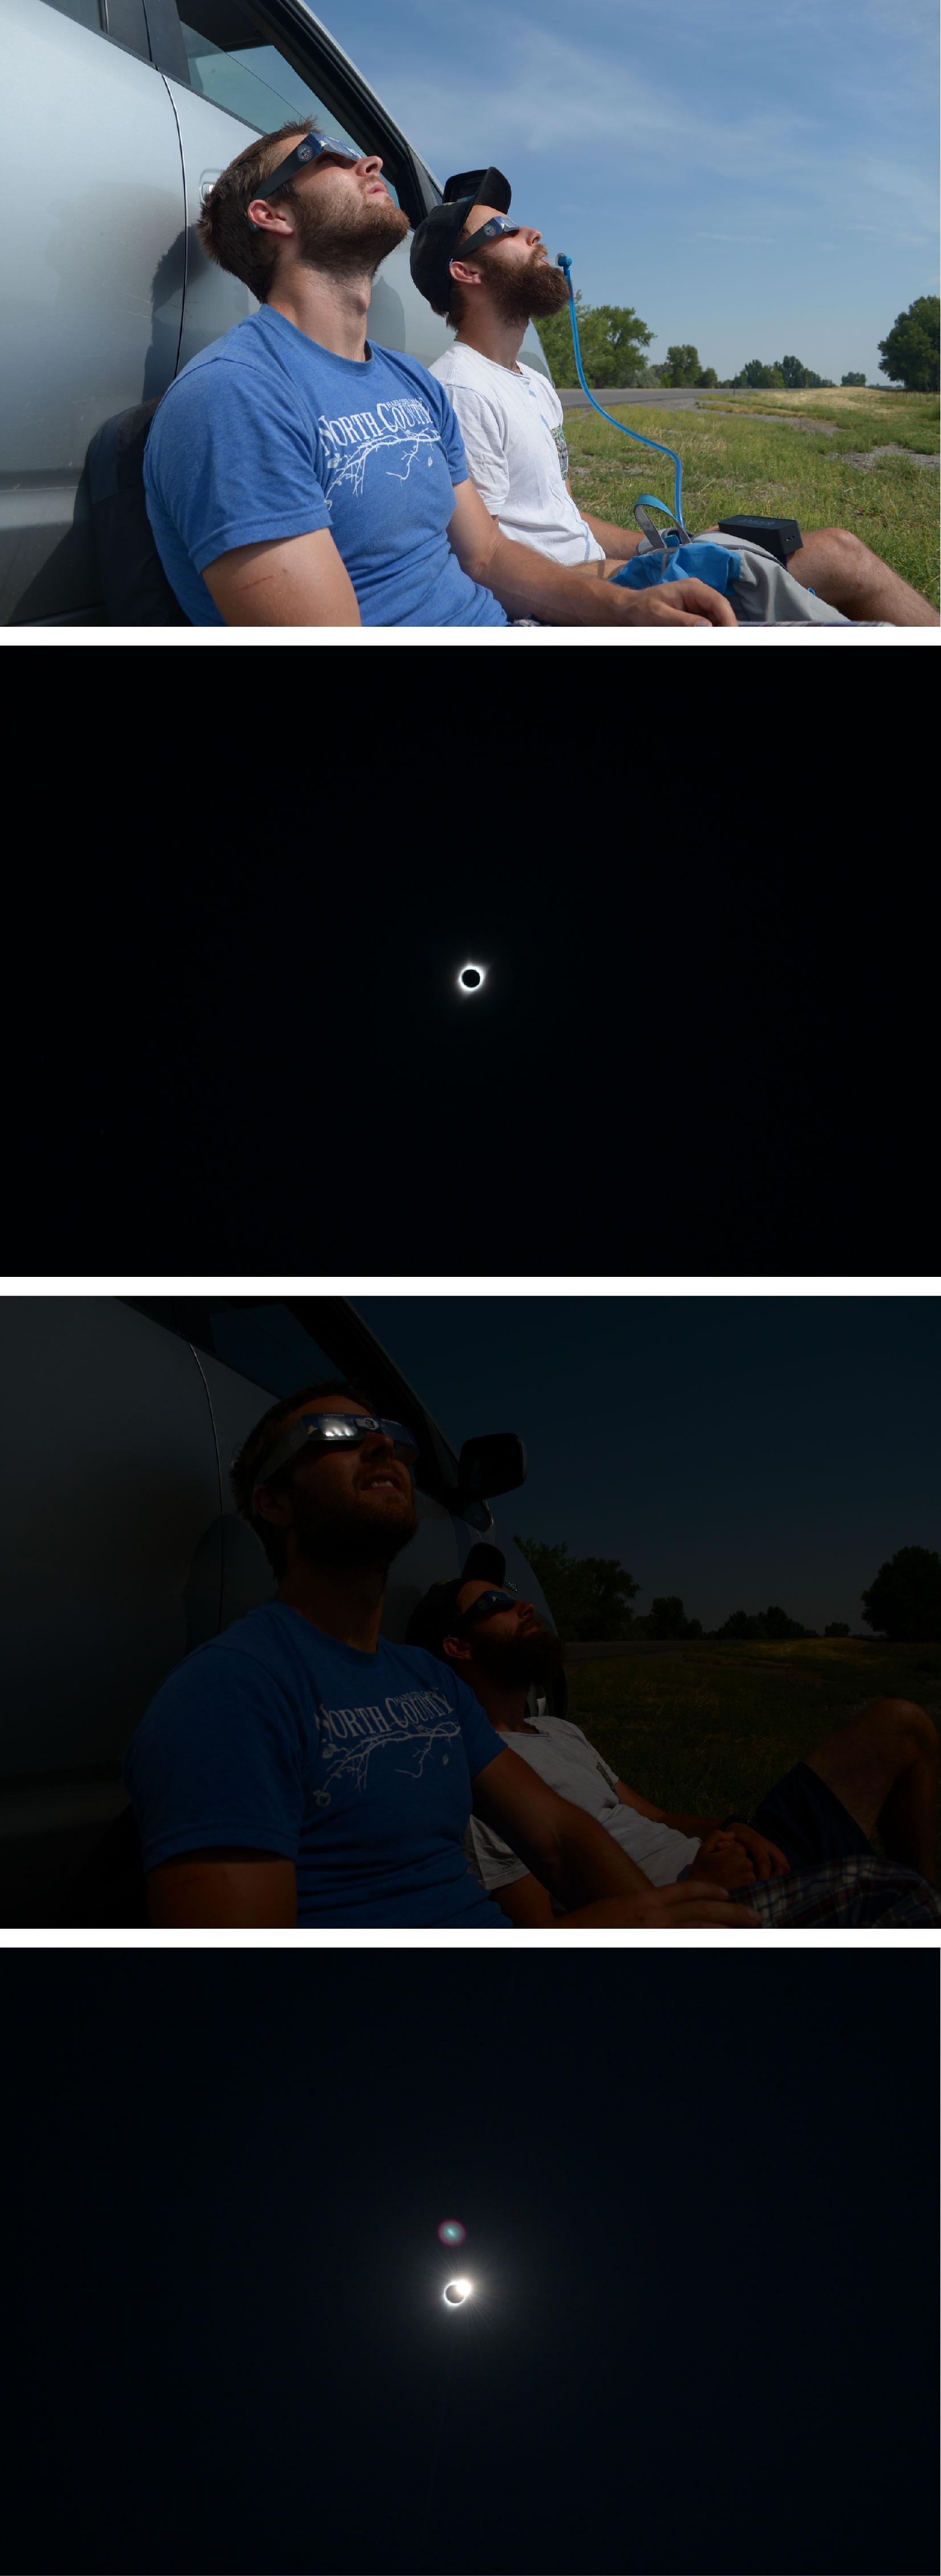 eclipse-07.jpg